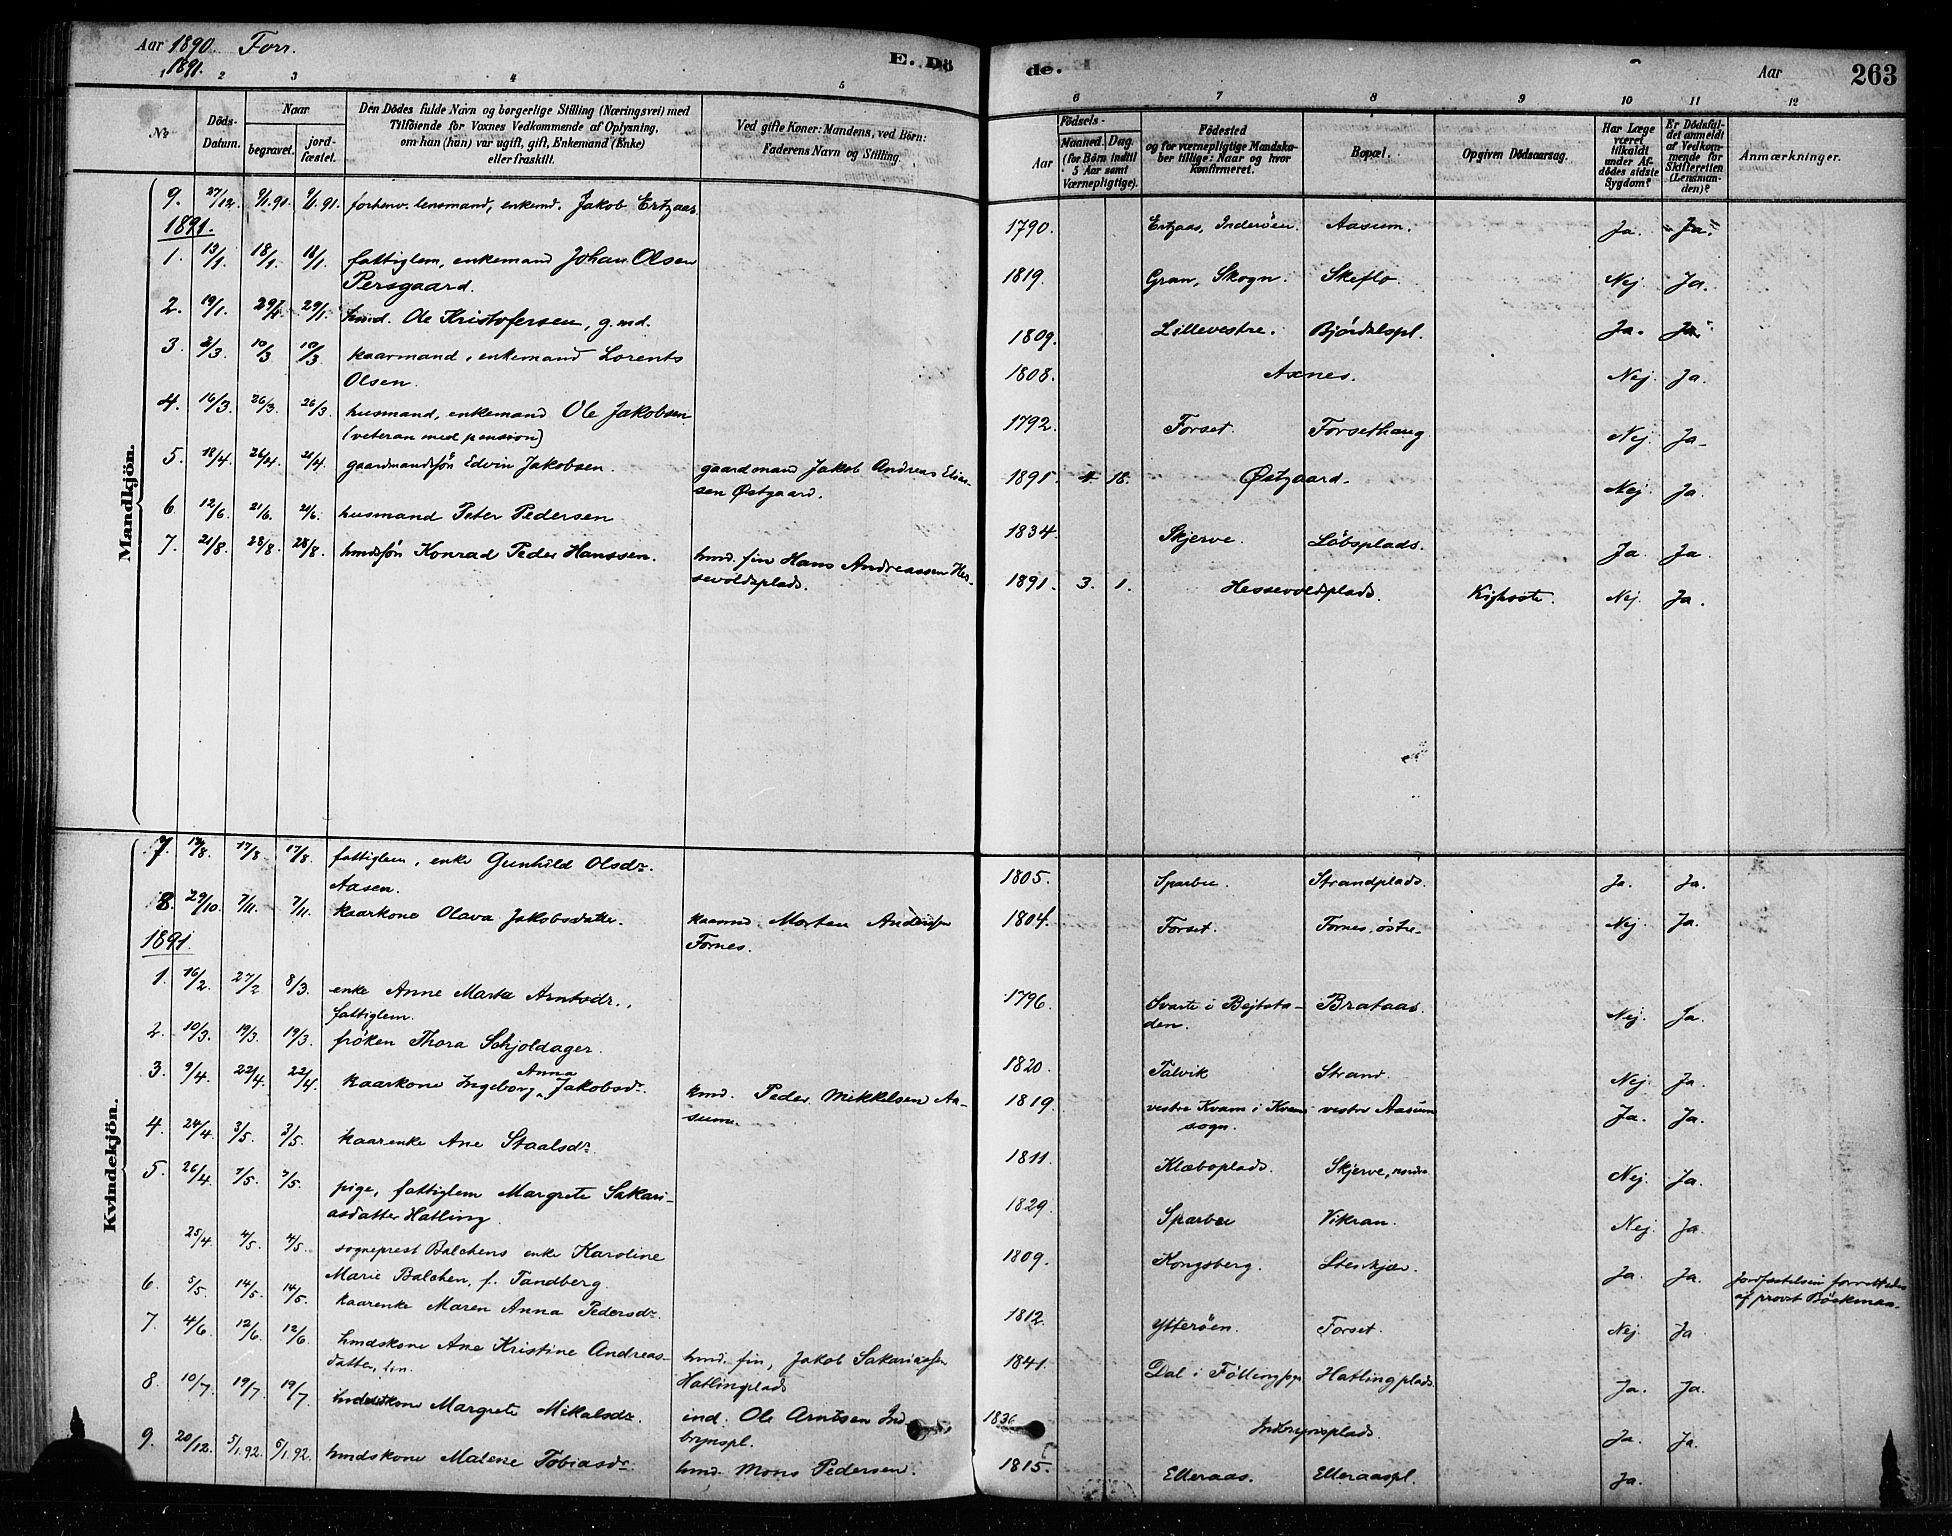 SAT, Ministerialprotokoller, klokkerbøker og fødselsregistre - Nord-Trøndelag, 746/L0448: Ministerialbok nr. 746A07 /1, 1878-1900, s. 263